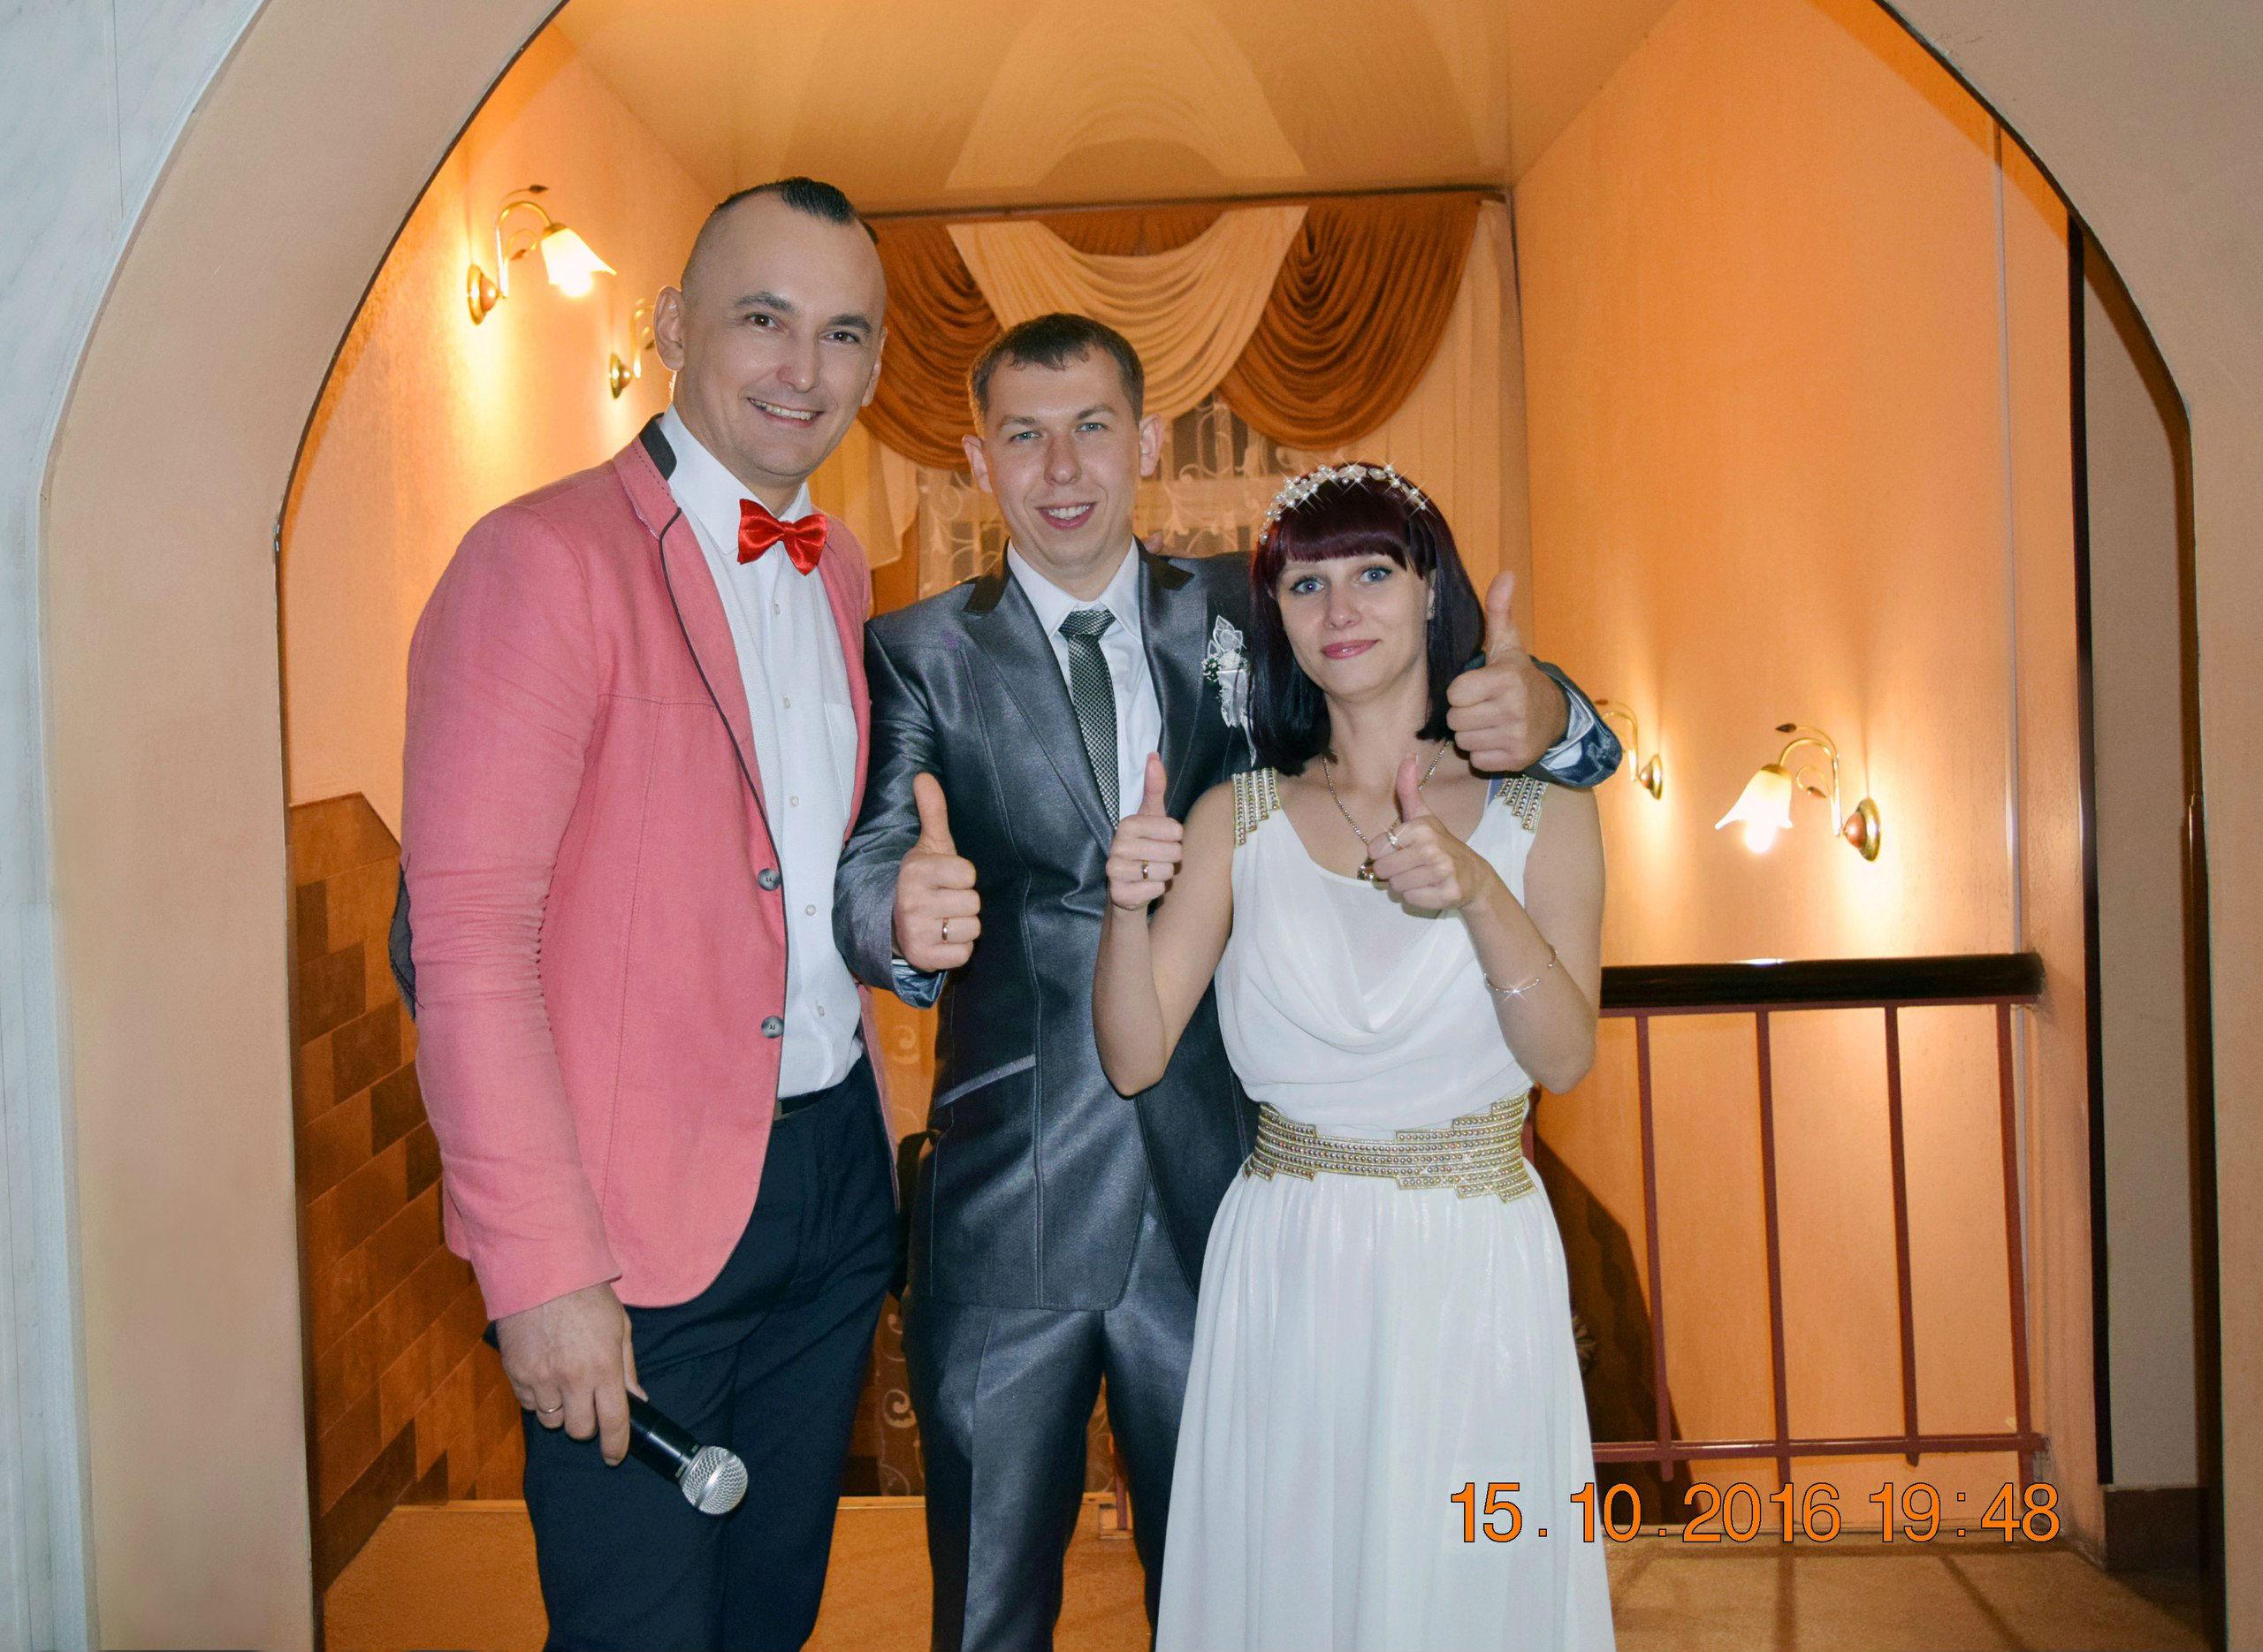 Свадьба Андрея и Виктории. Ведущий на свадьбу Павел Июльский +7 937 727 25 75 , +7 937 555 20 20